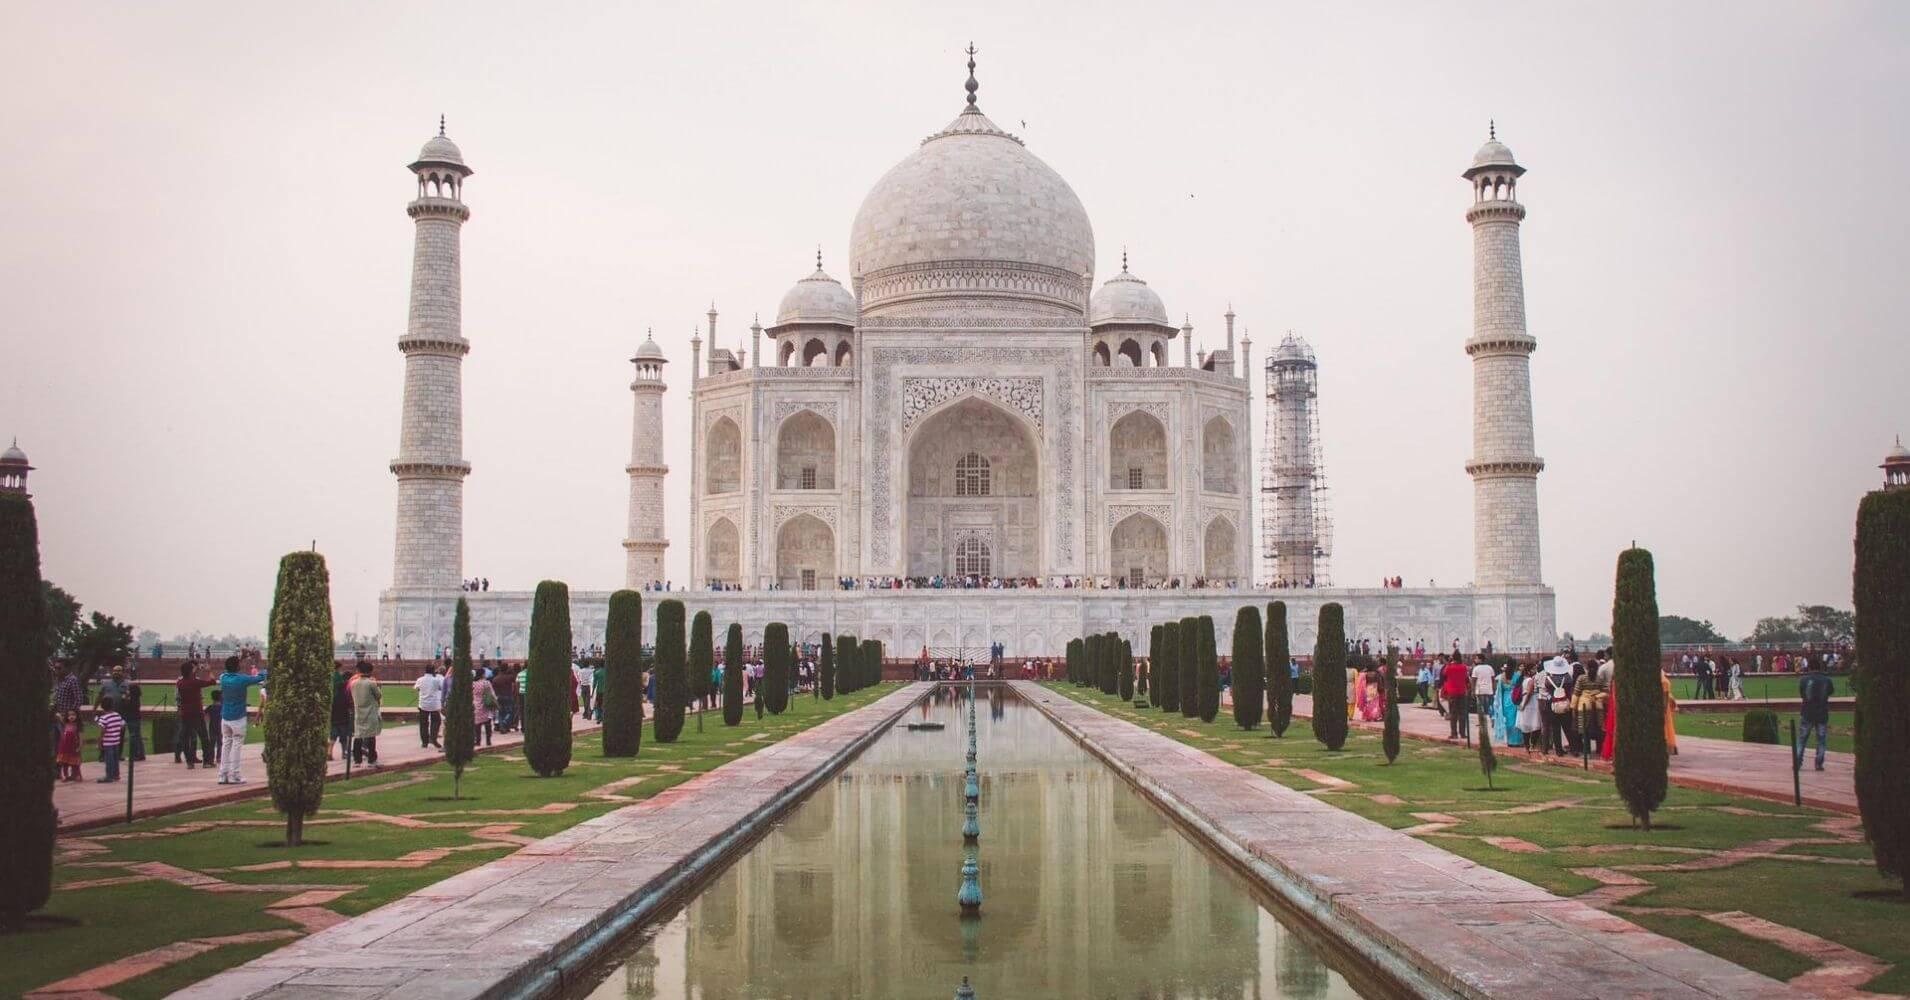 Taj Mahal. India.